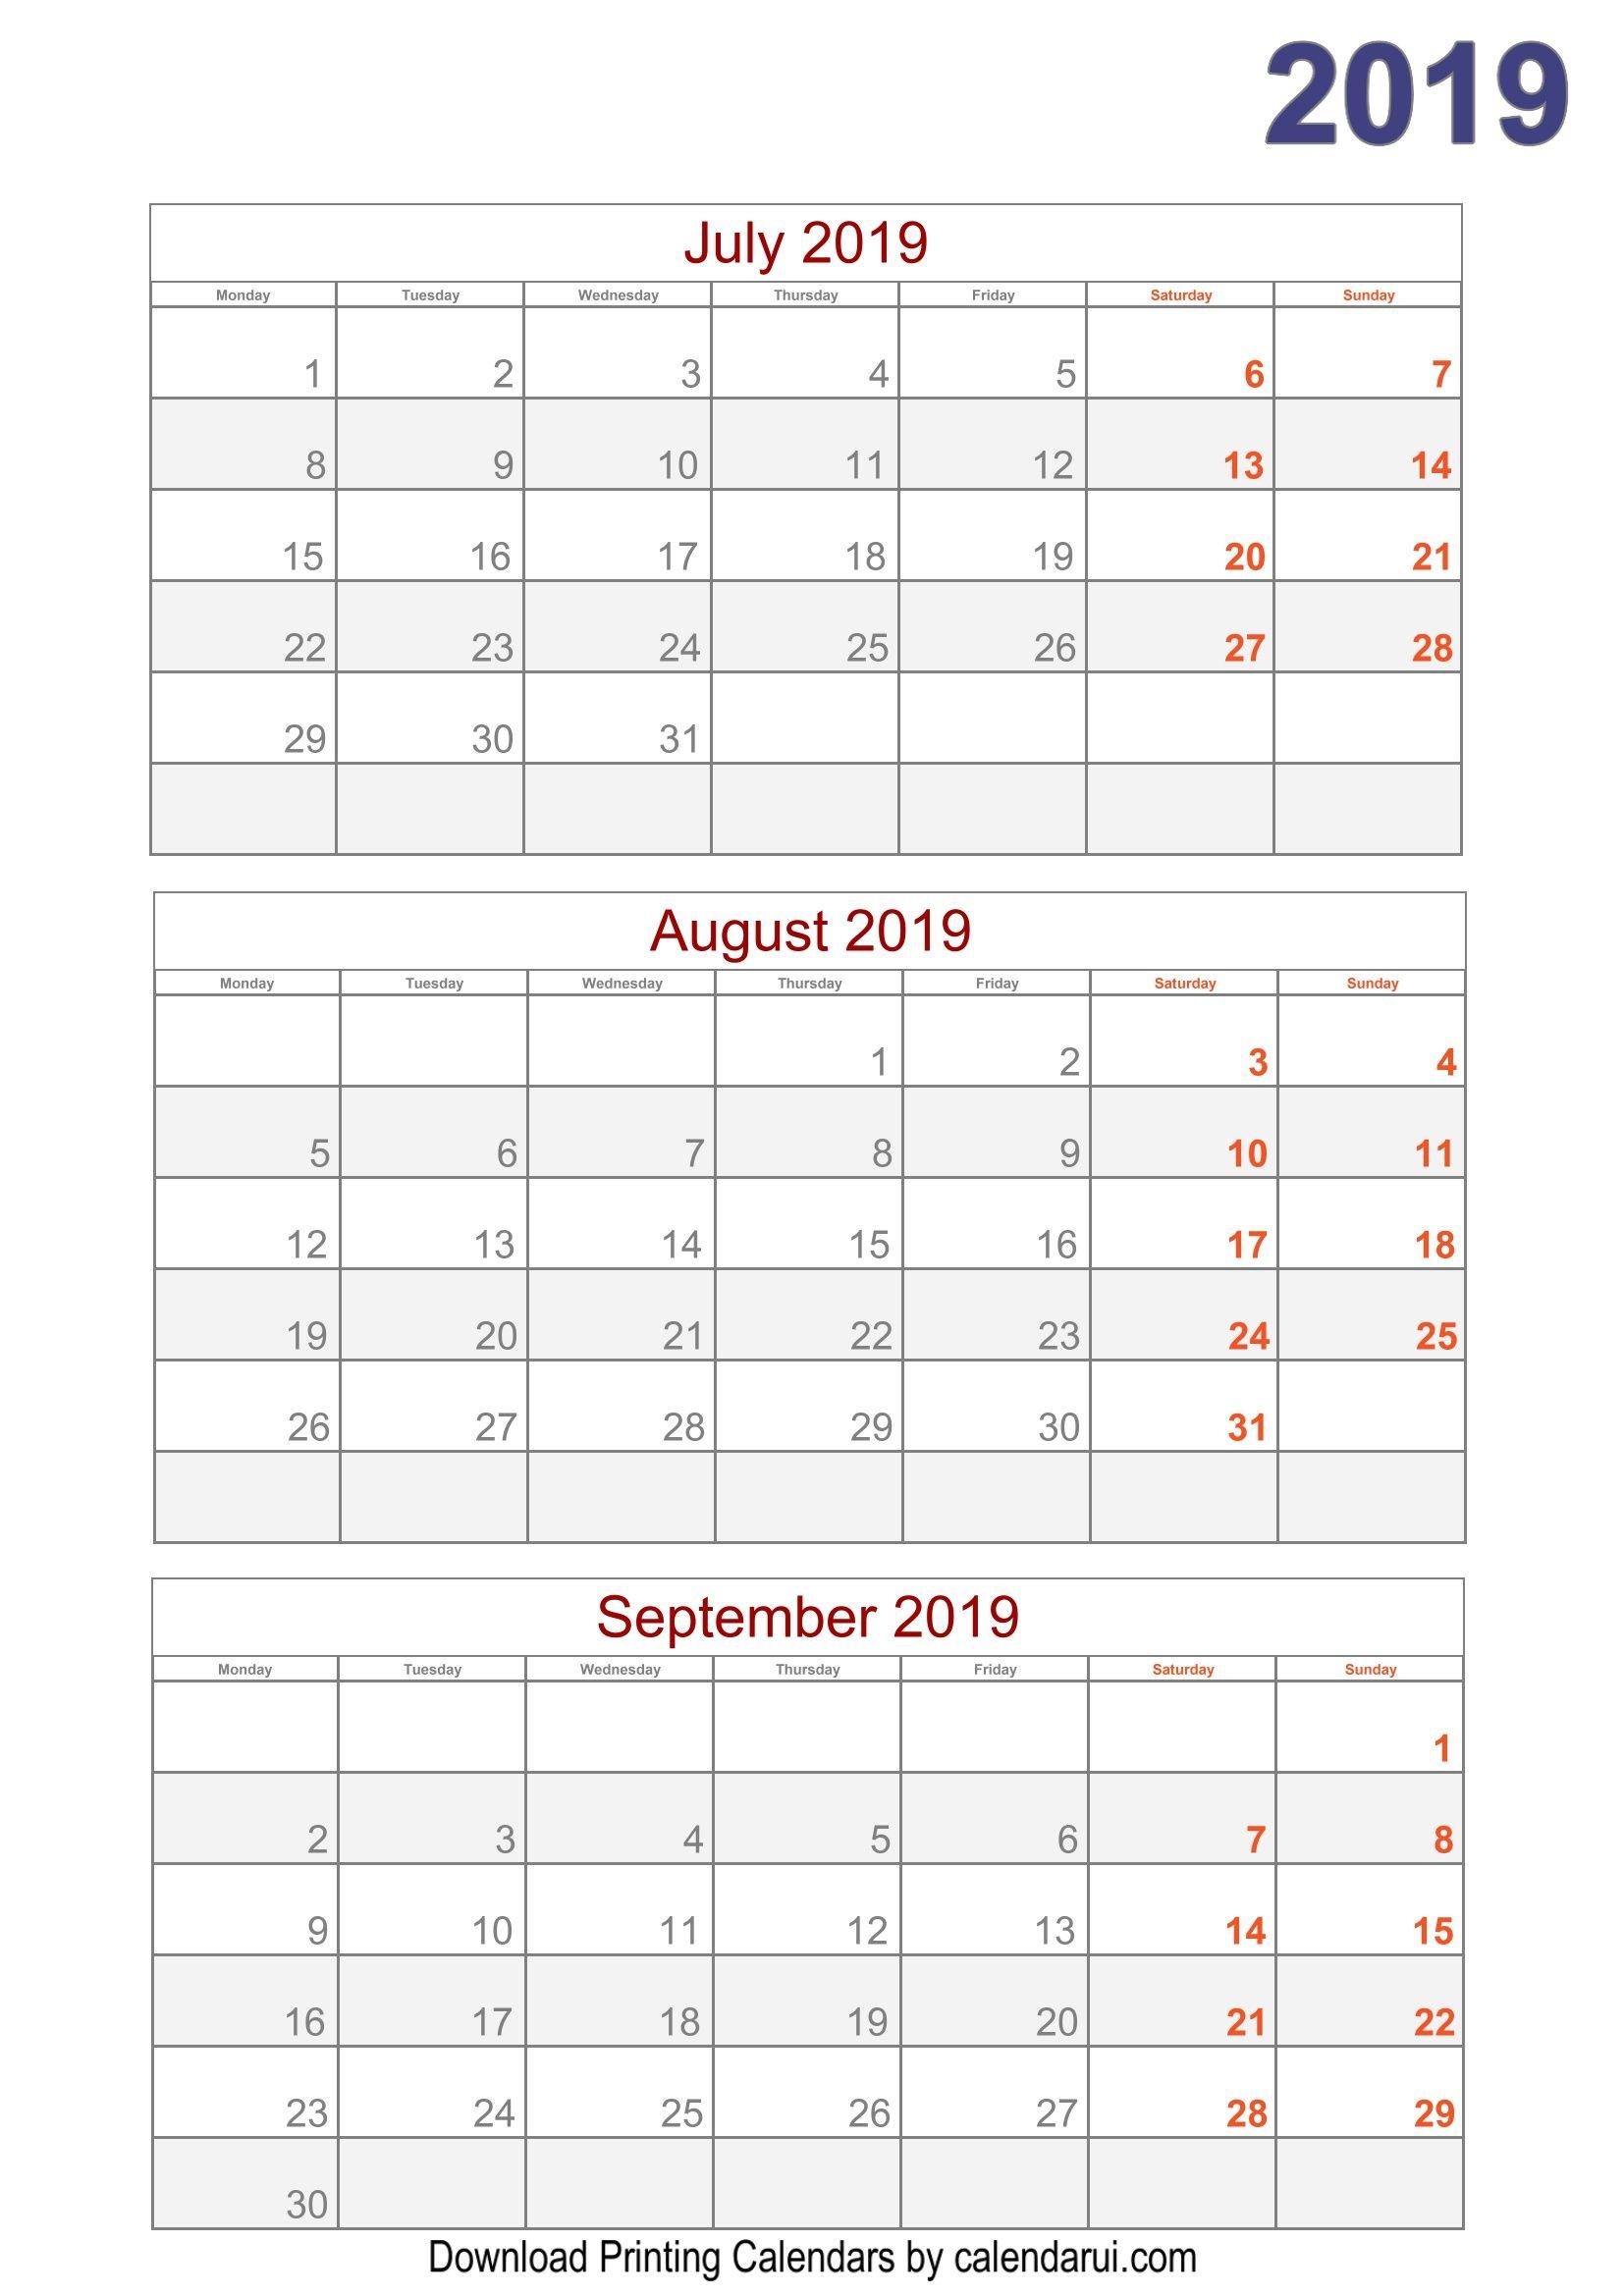 Download 2019 Quarterly Calendar Printable For Free regarding Quarterly Calendar Template Excel